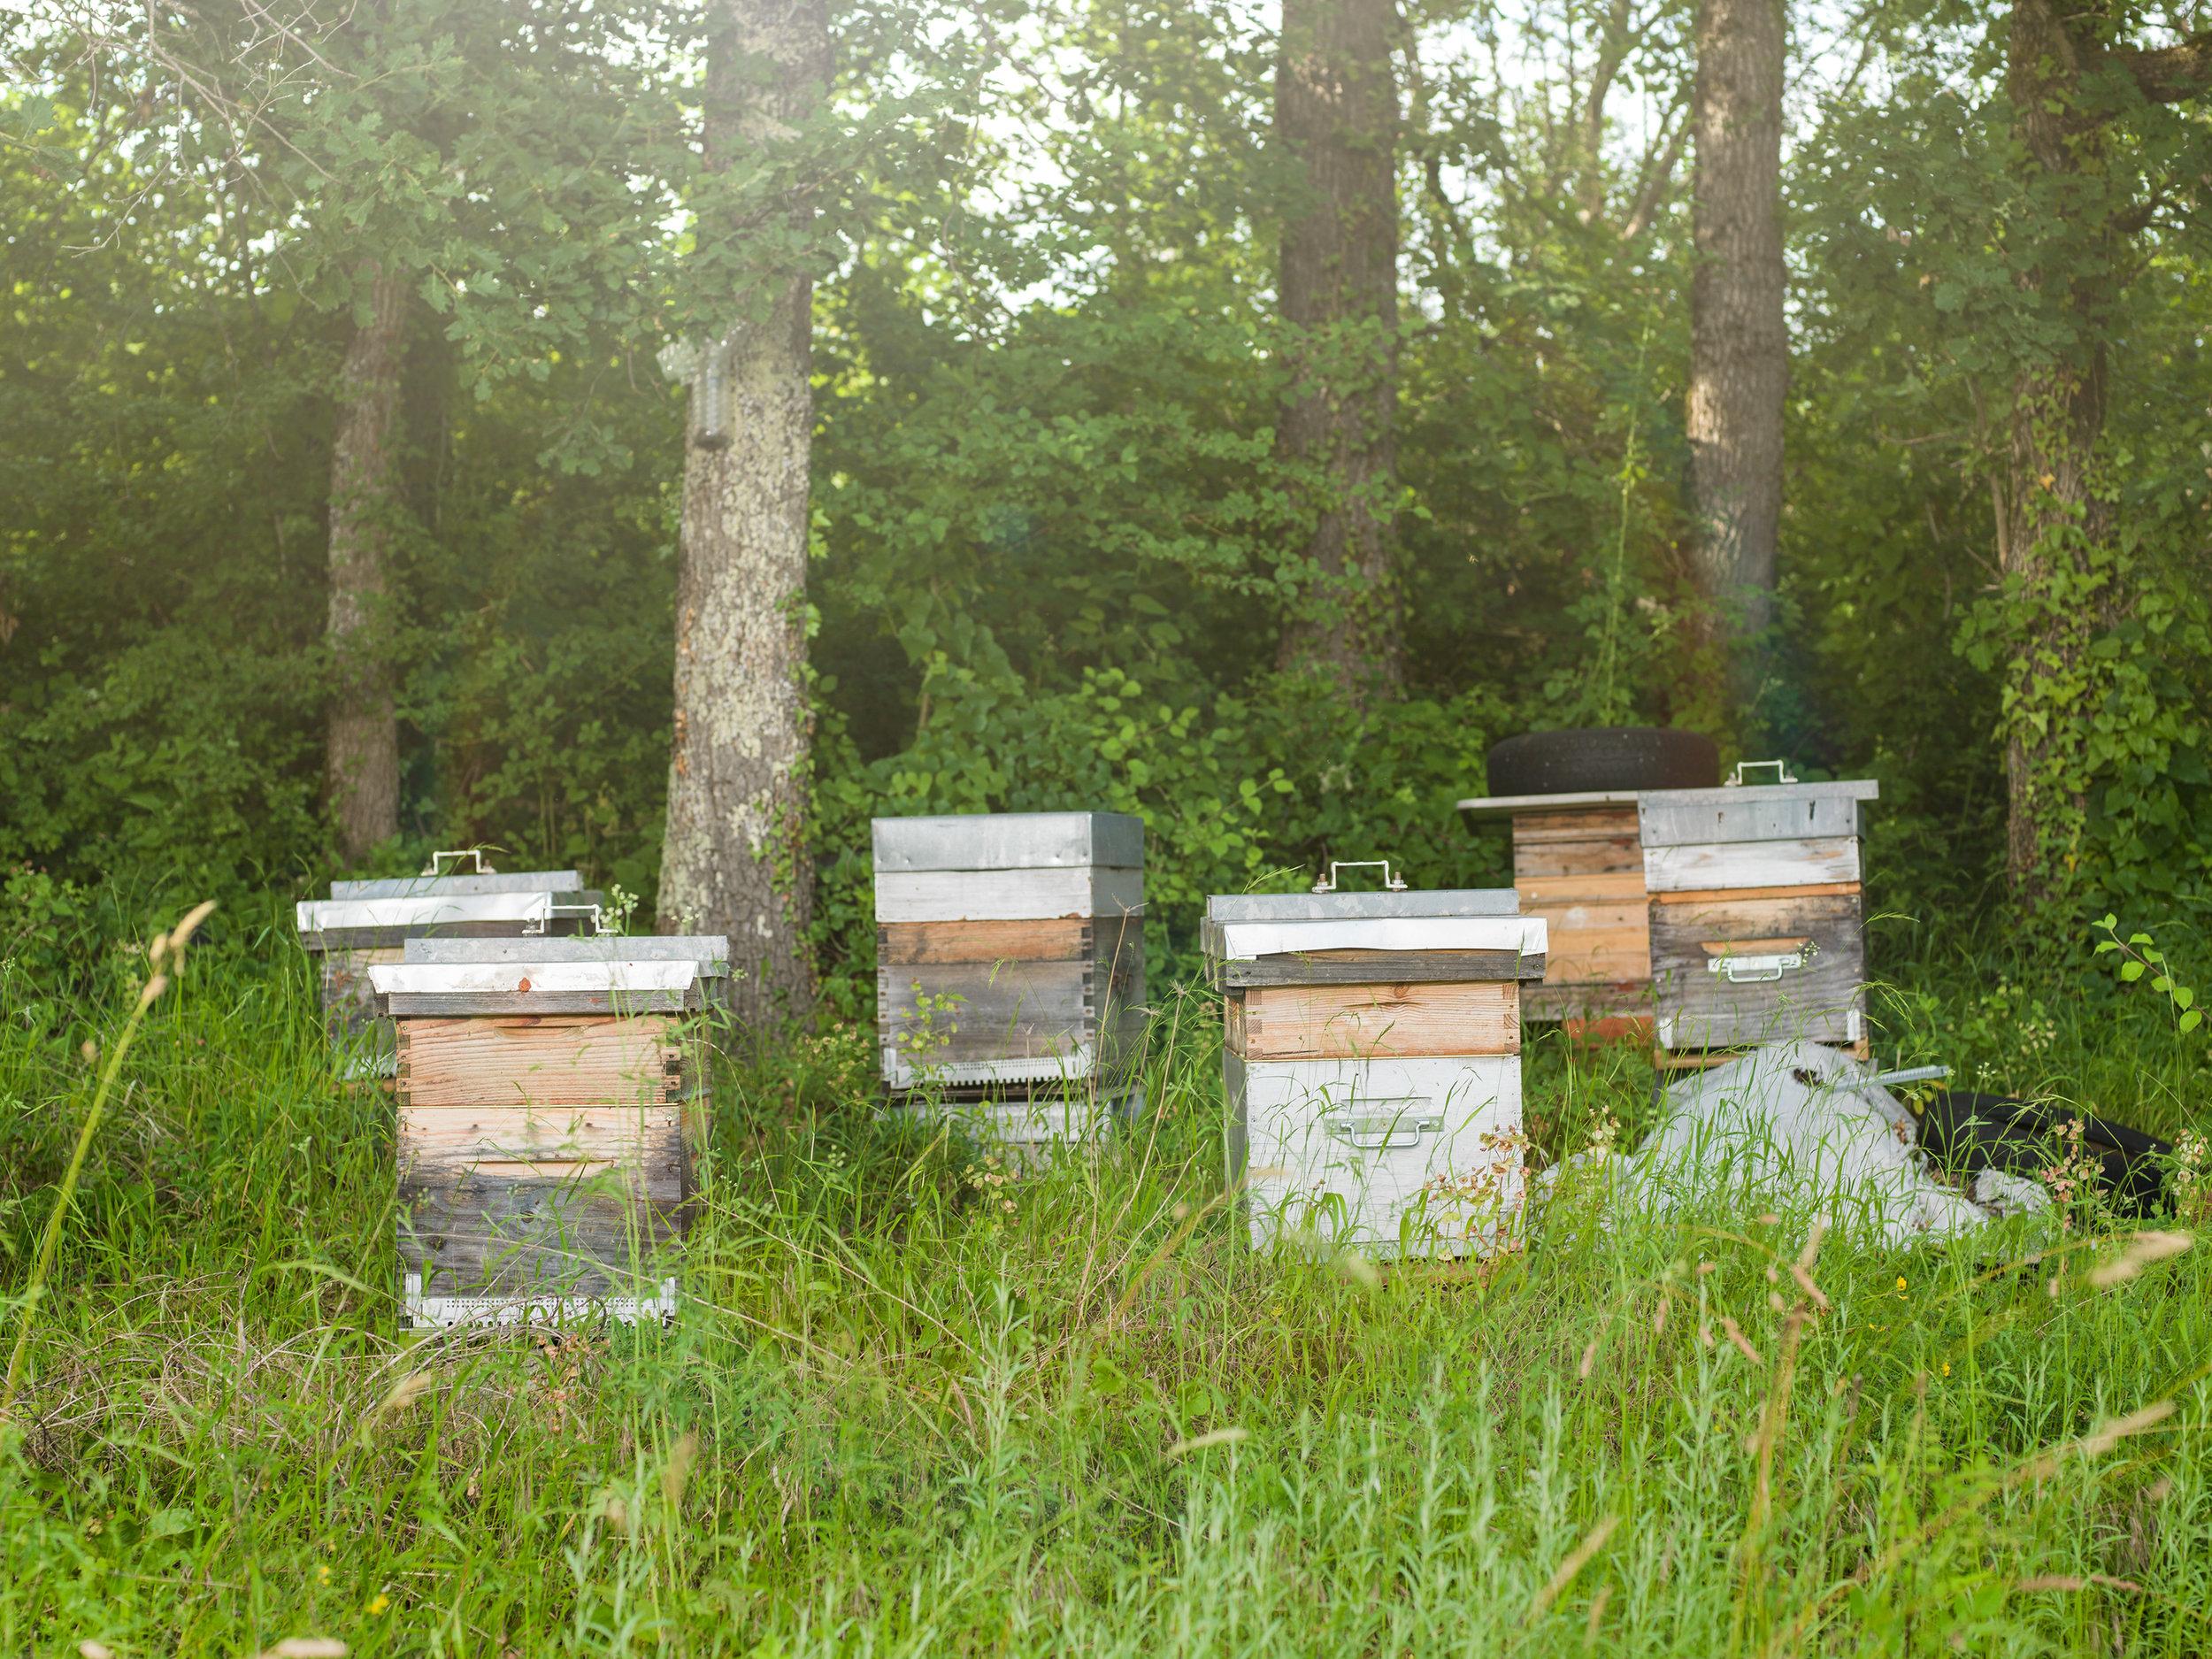 Ces ruches, situées à 100 mètres d'un verger de prune, favorisent la pollinisation.